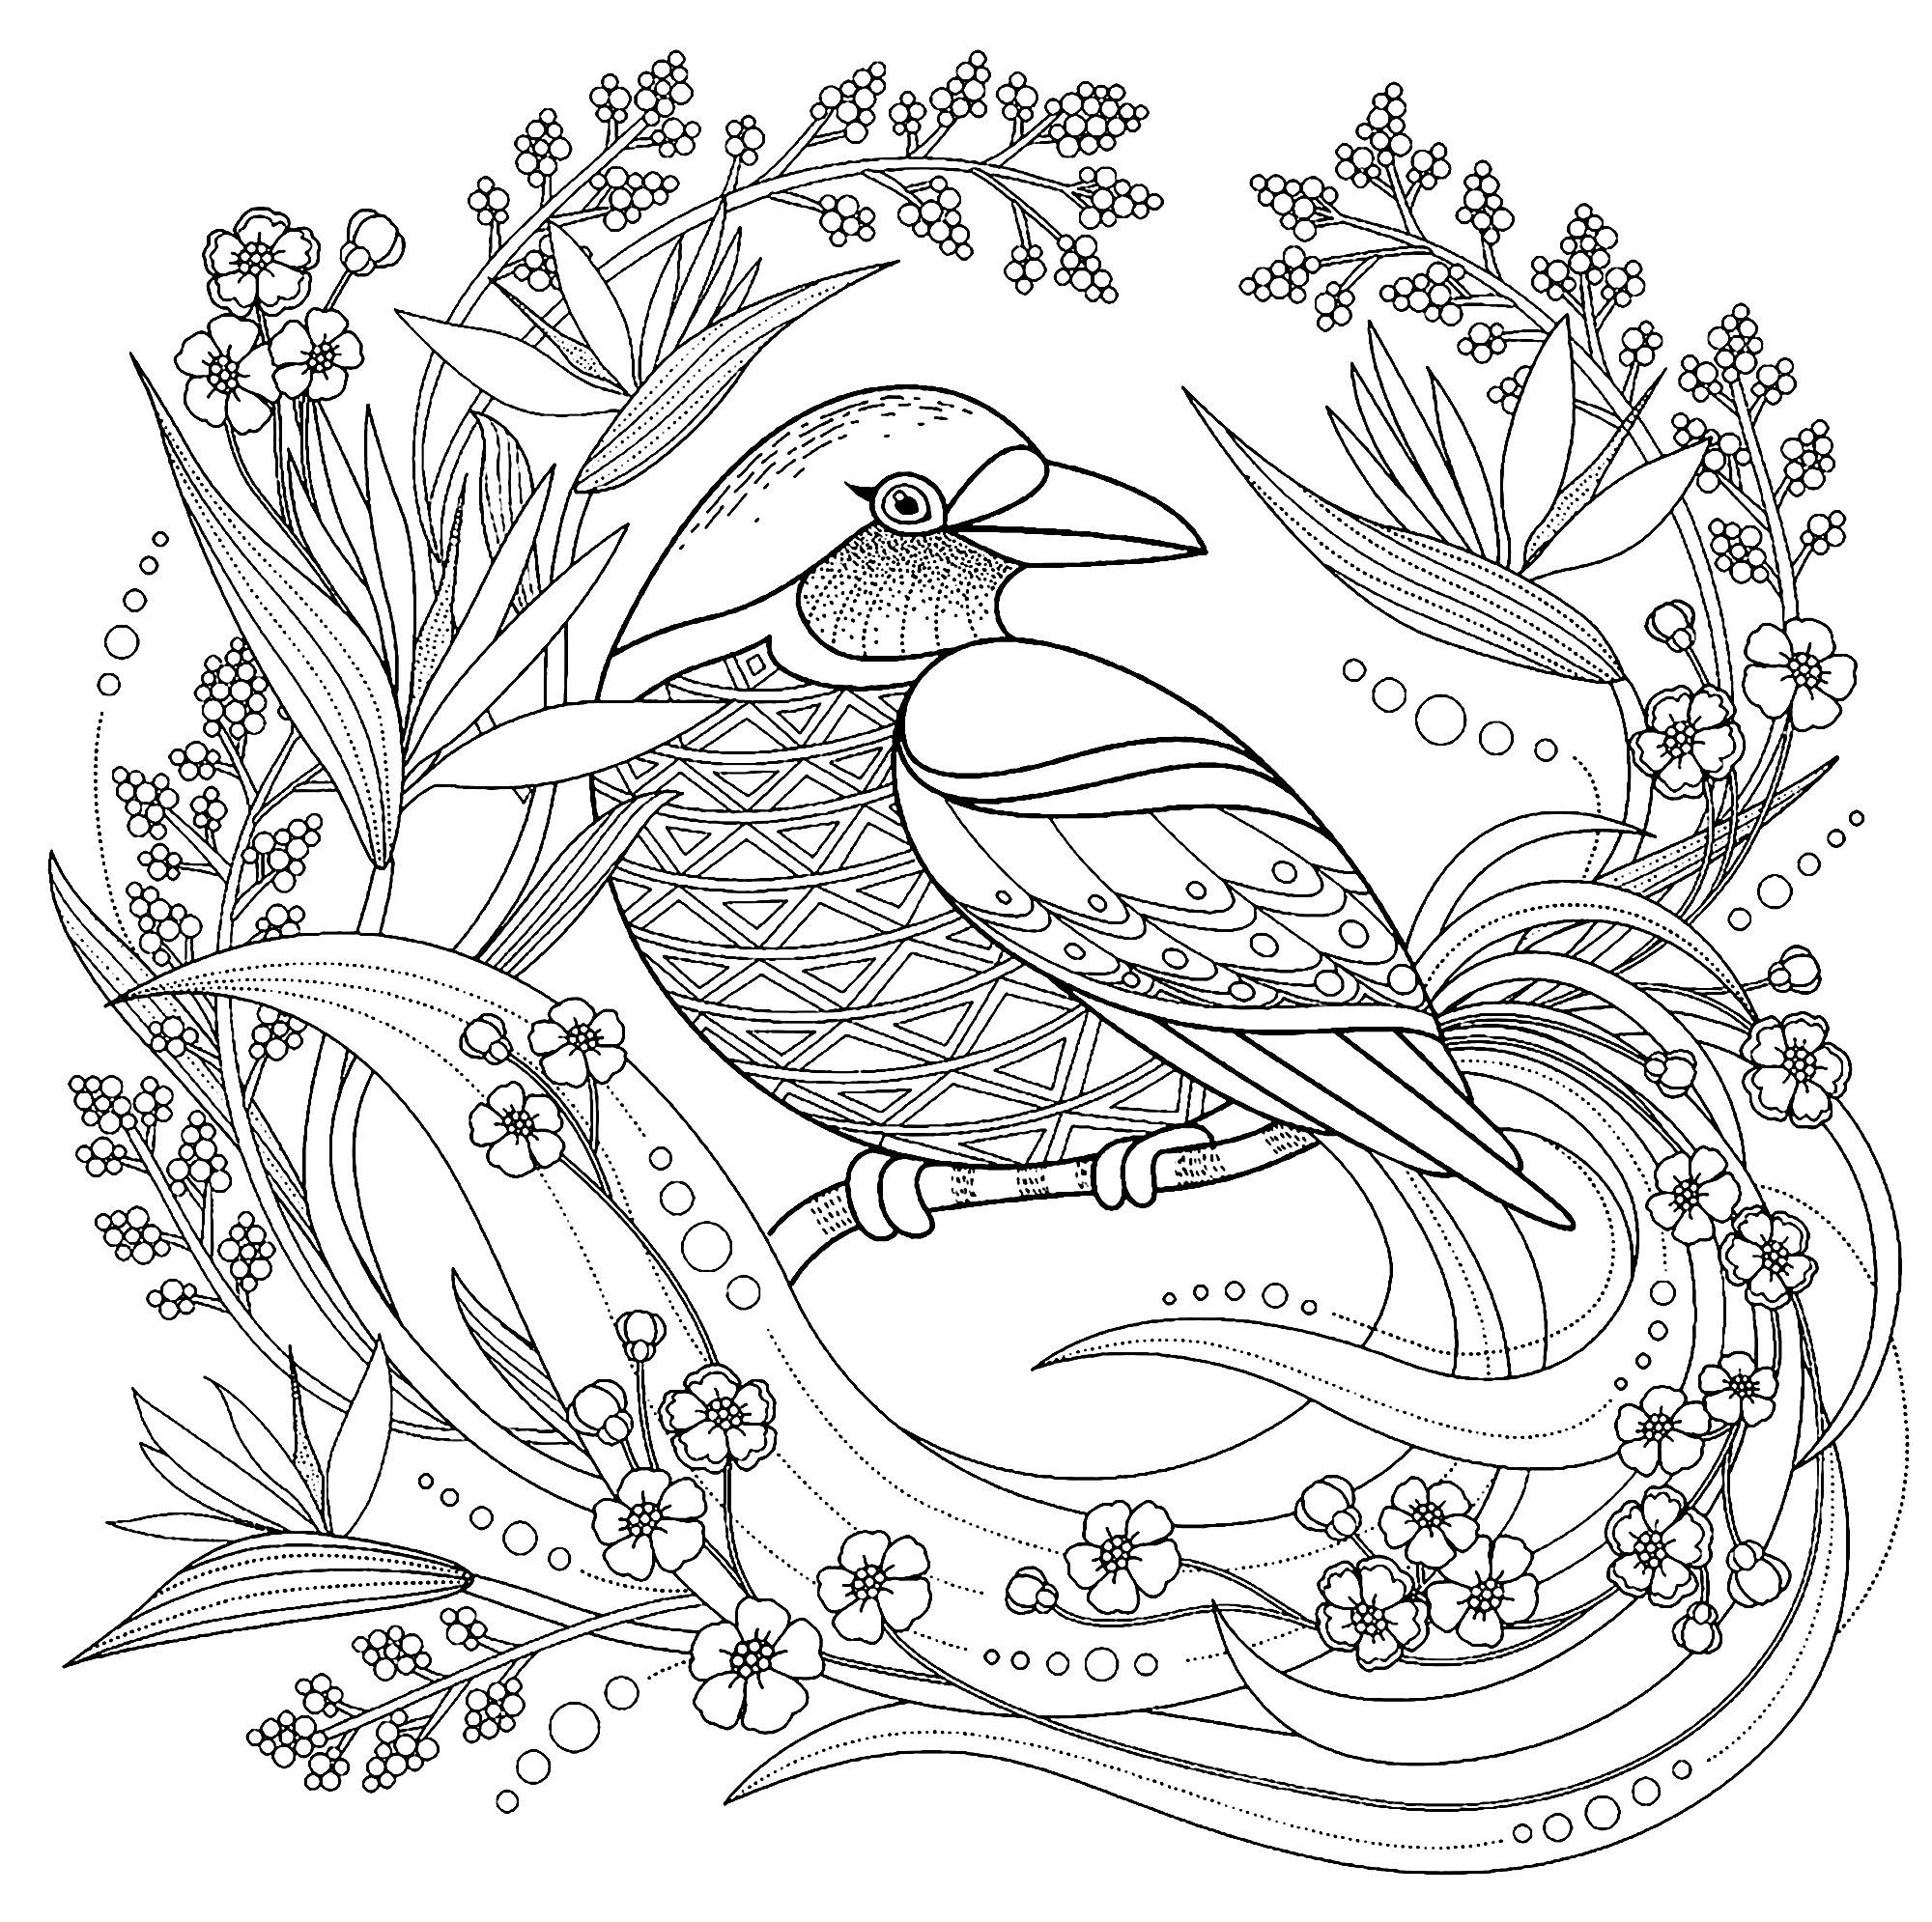 Aves 9995 - Aves - Colorear para Adultos